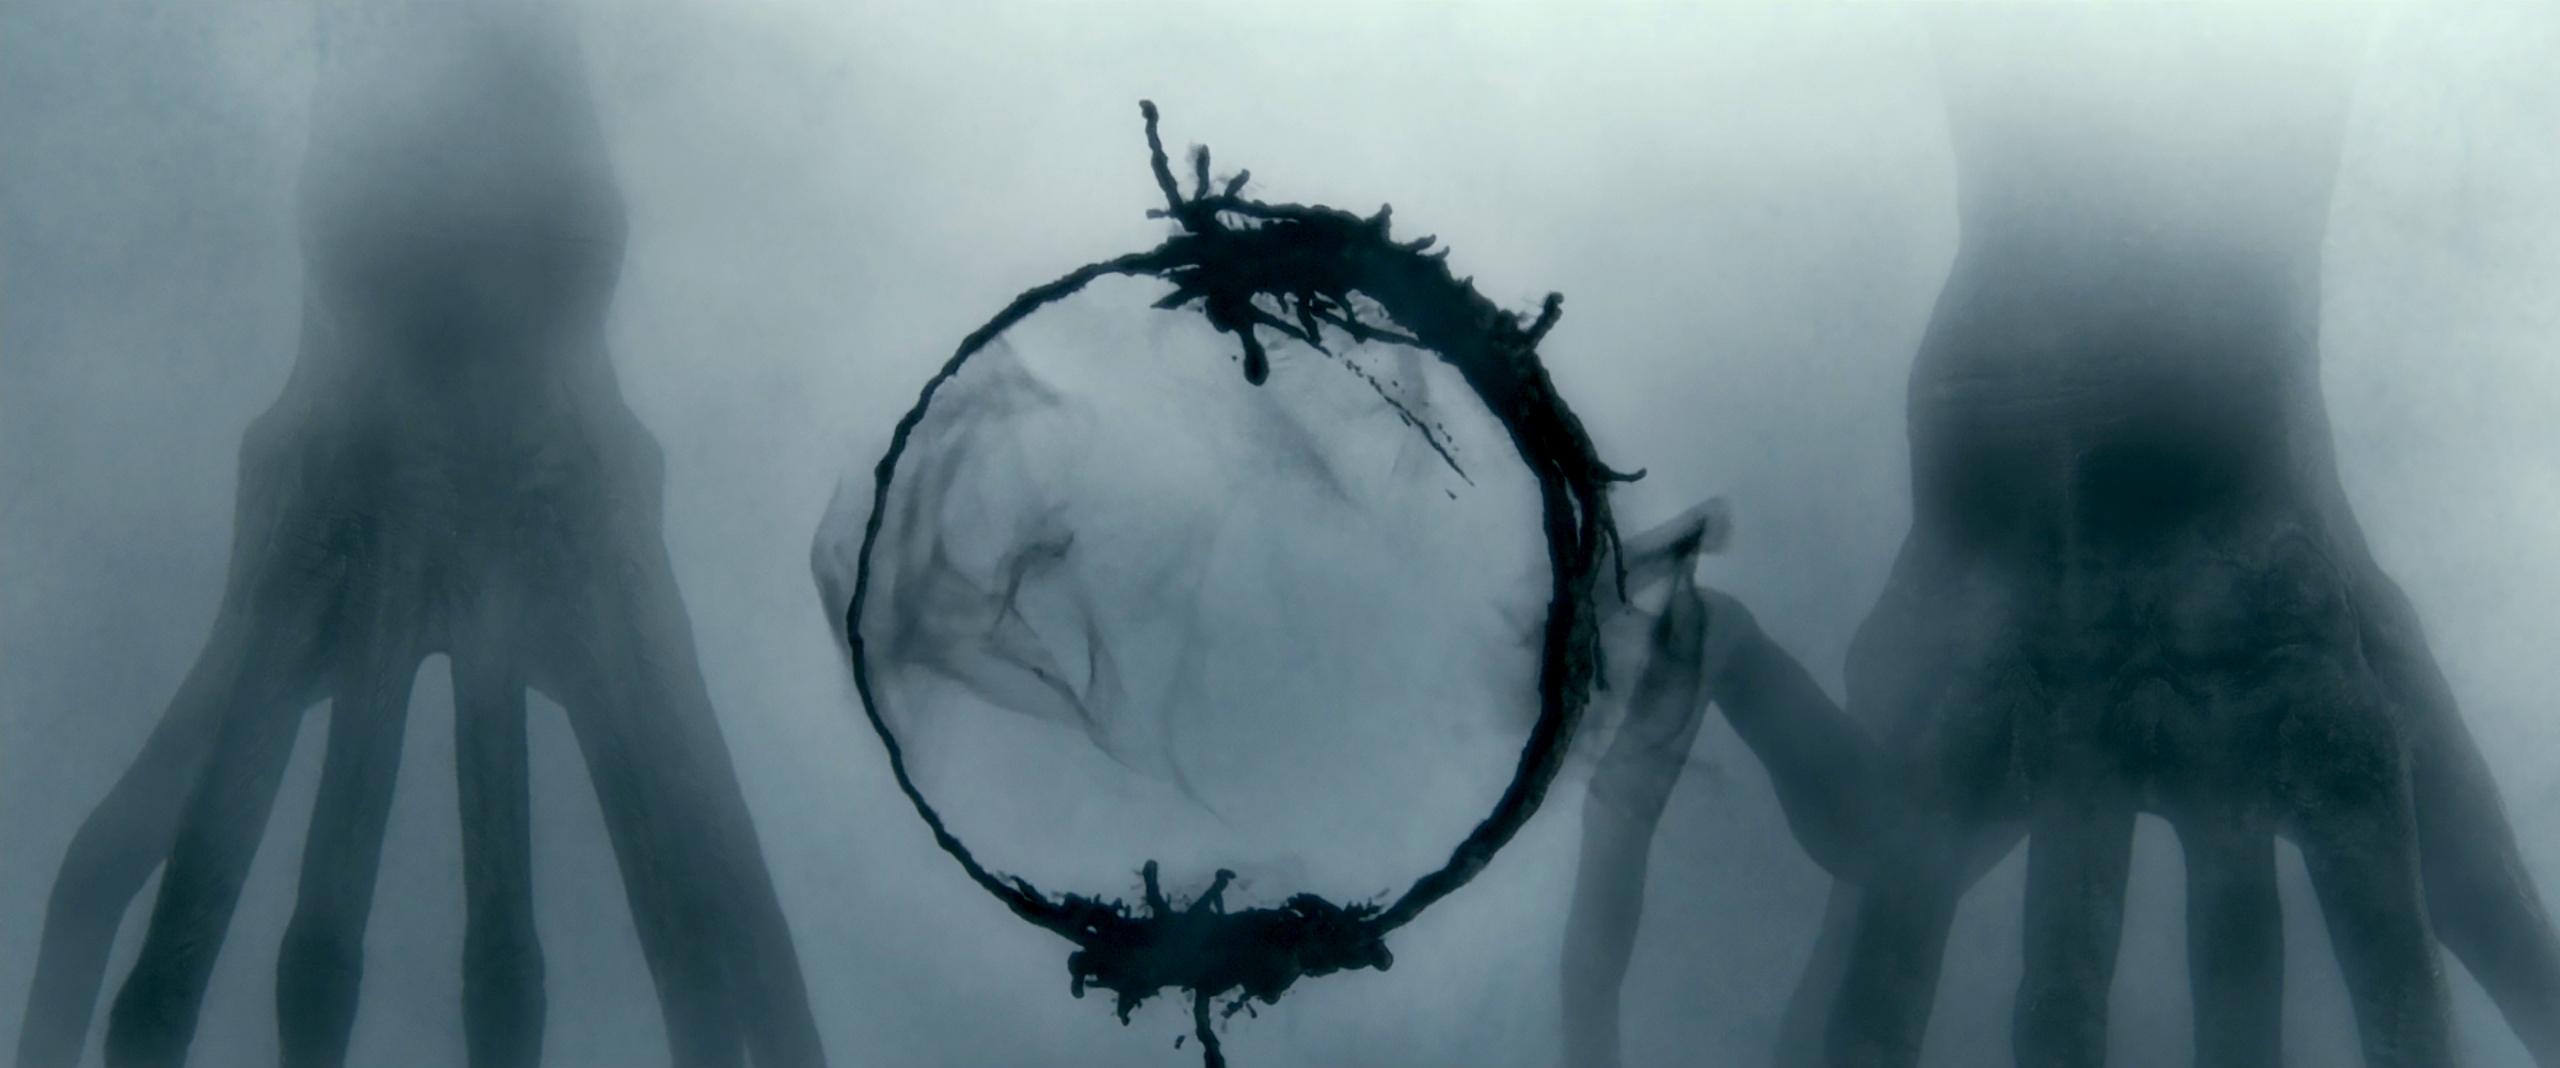 Dilin bakış açısı üzerindeki şaşırtıcı etkilerine kurgusal ve uç düzeyde bir örnek, Arrival isimli filmde güzel bir şekilde ele alınmıştır.